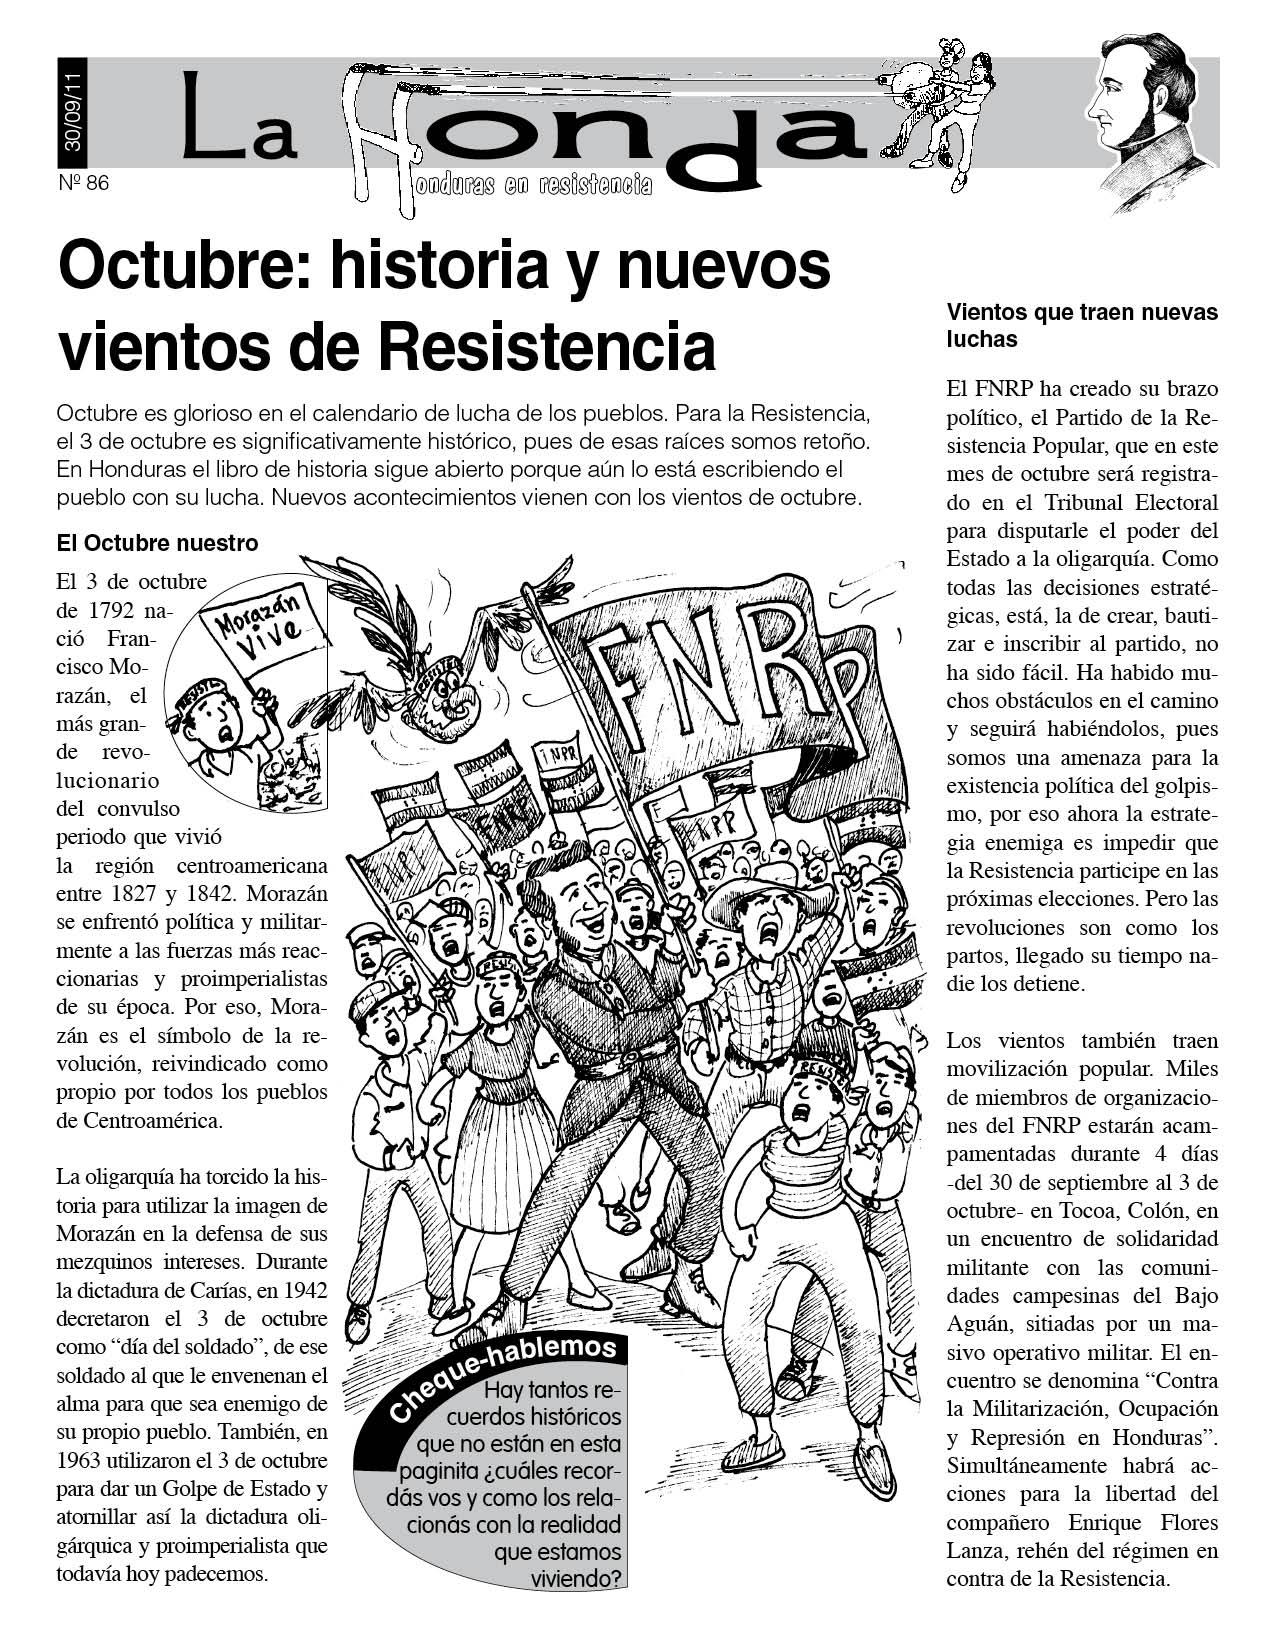 La Honda 86: Octubre: historia y nuevos vientos de Resistencia